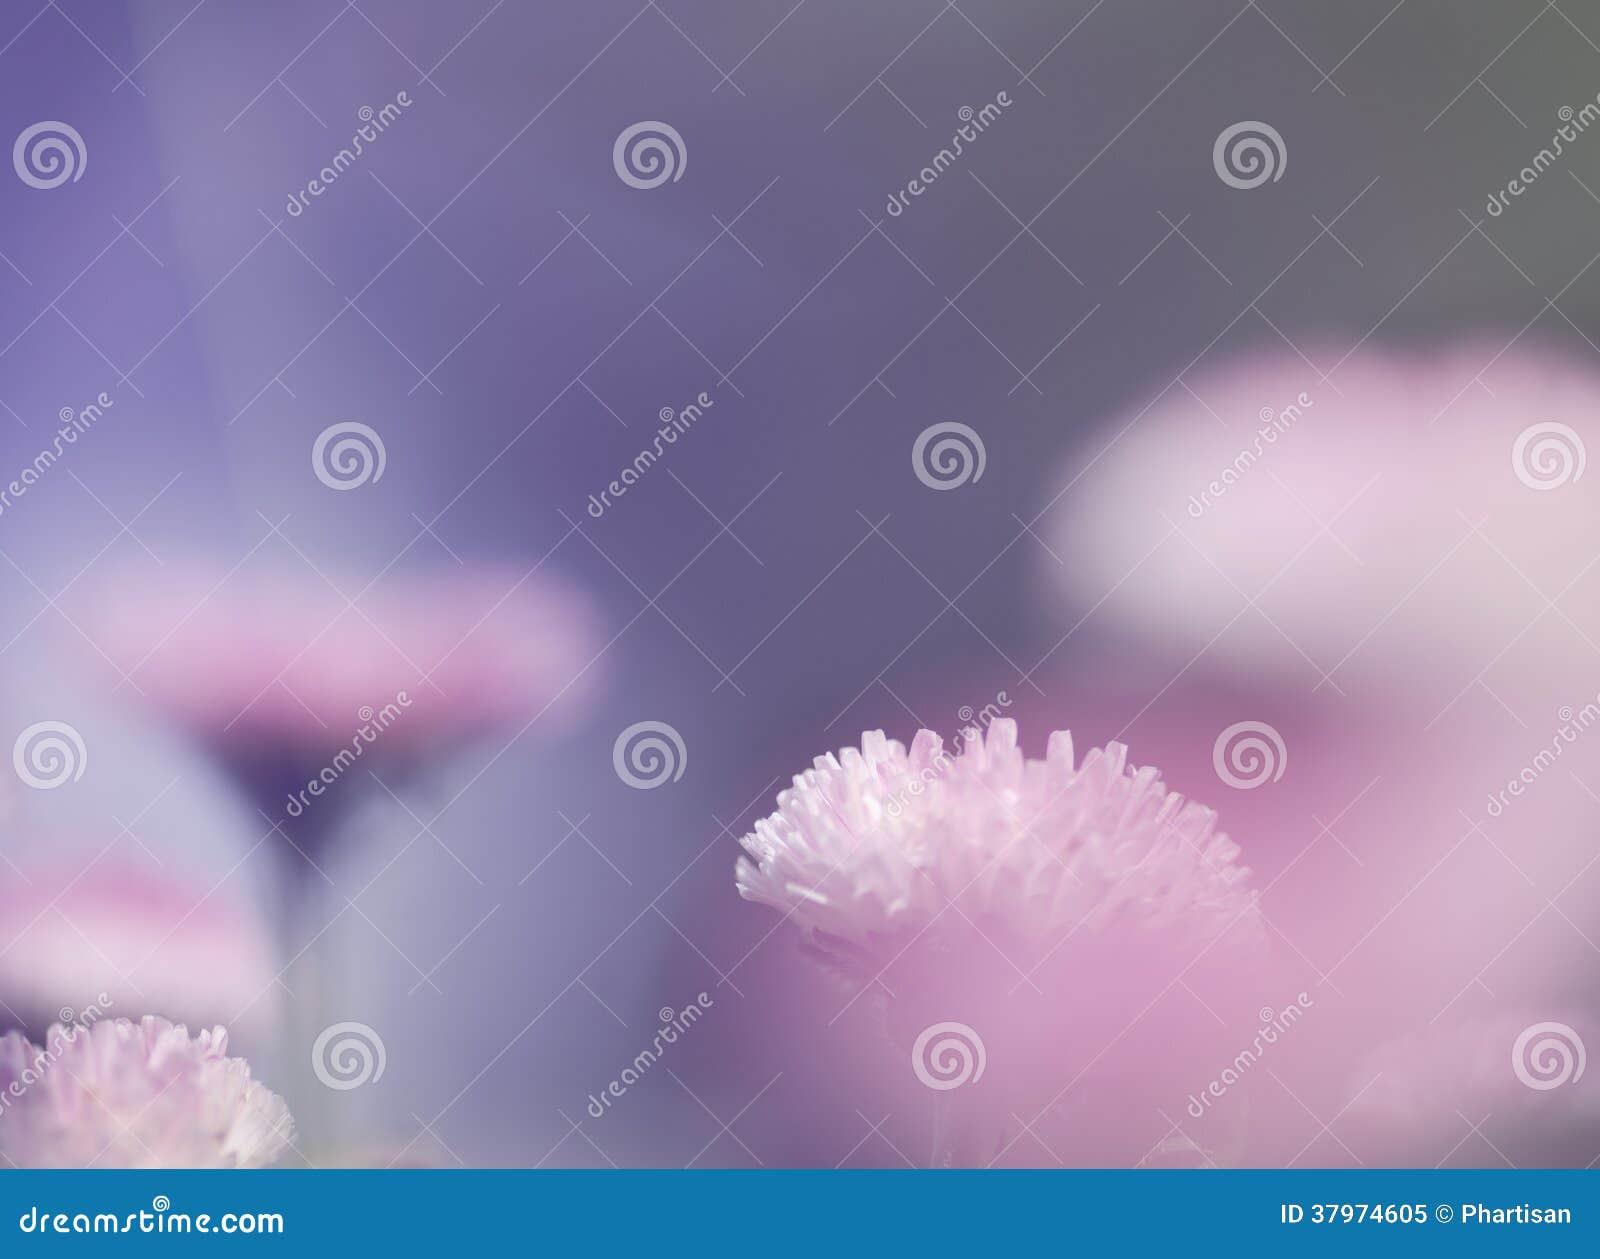 Rosa naturbakgrund för mjukt ljus